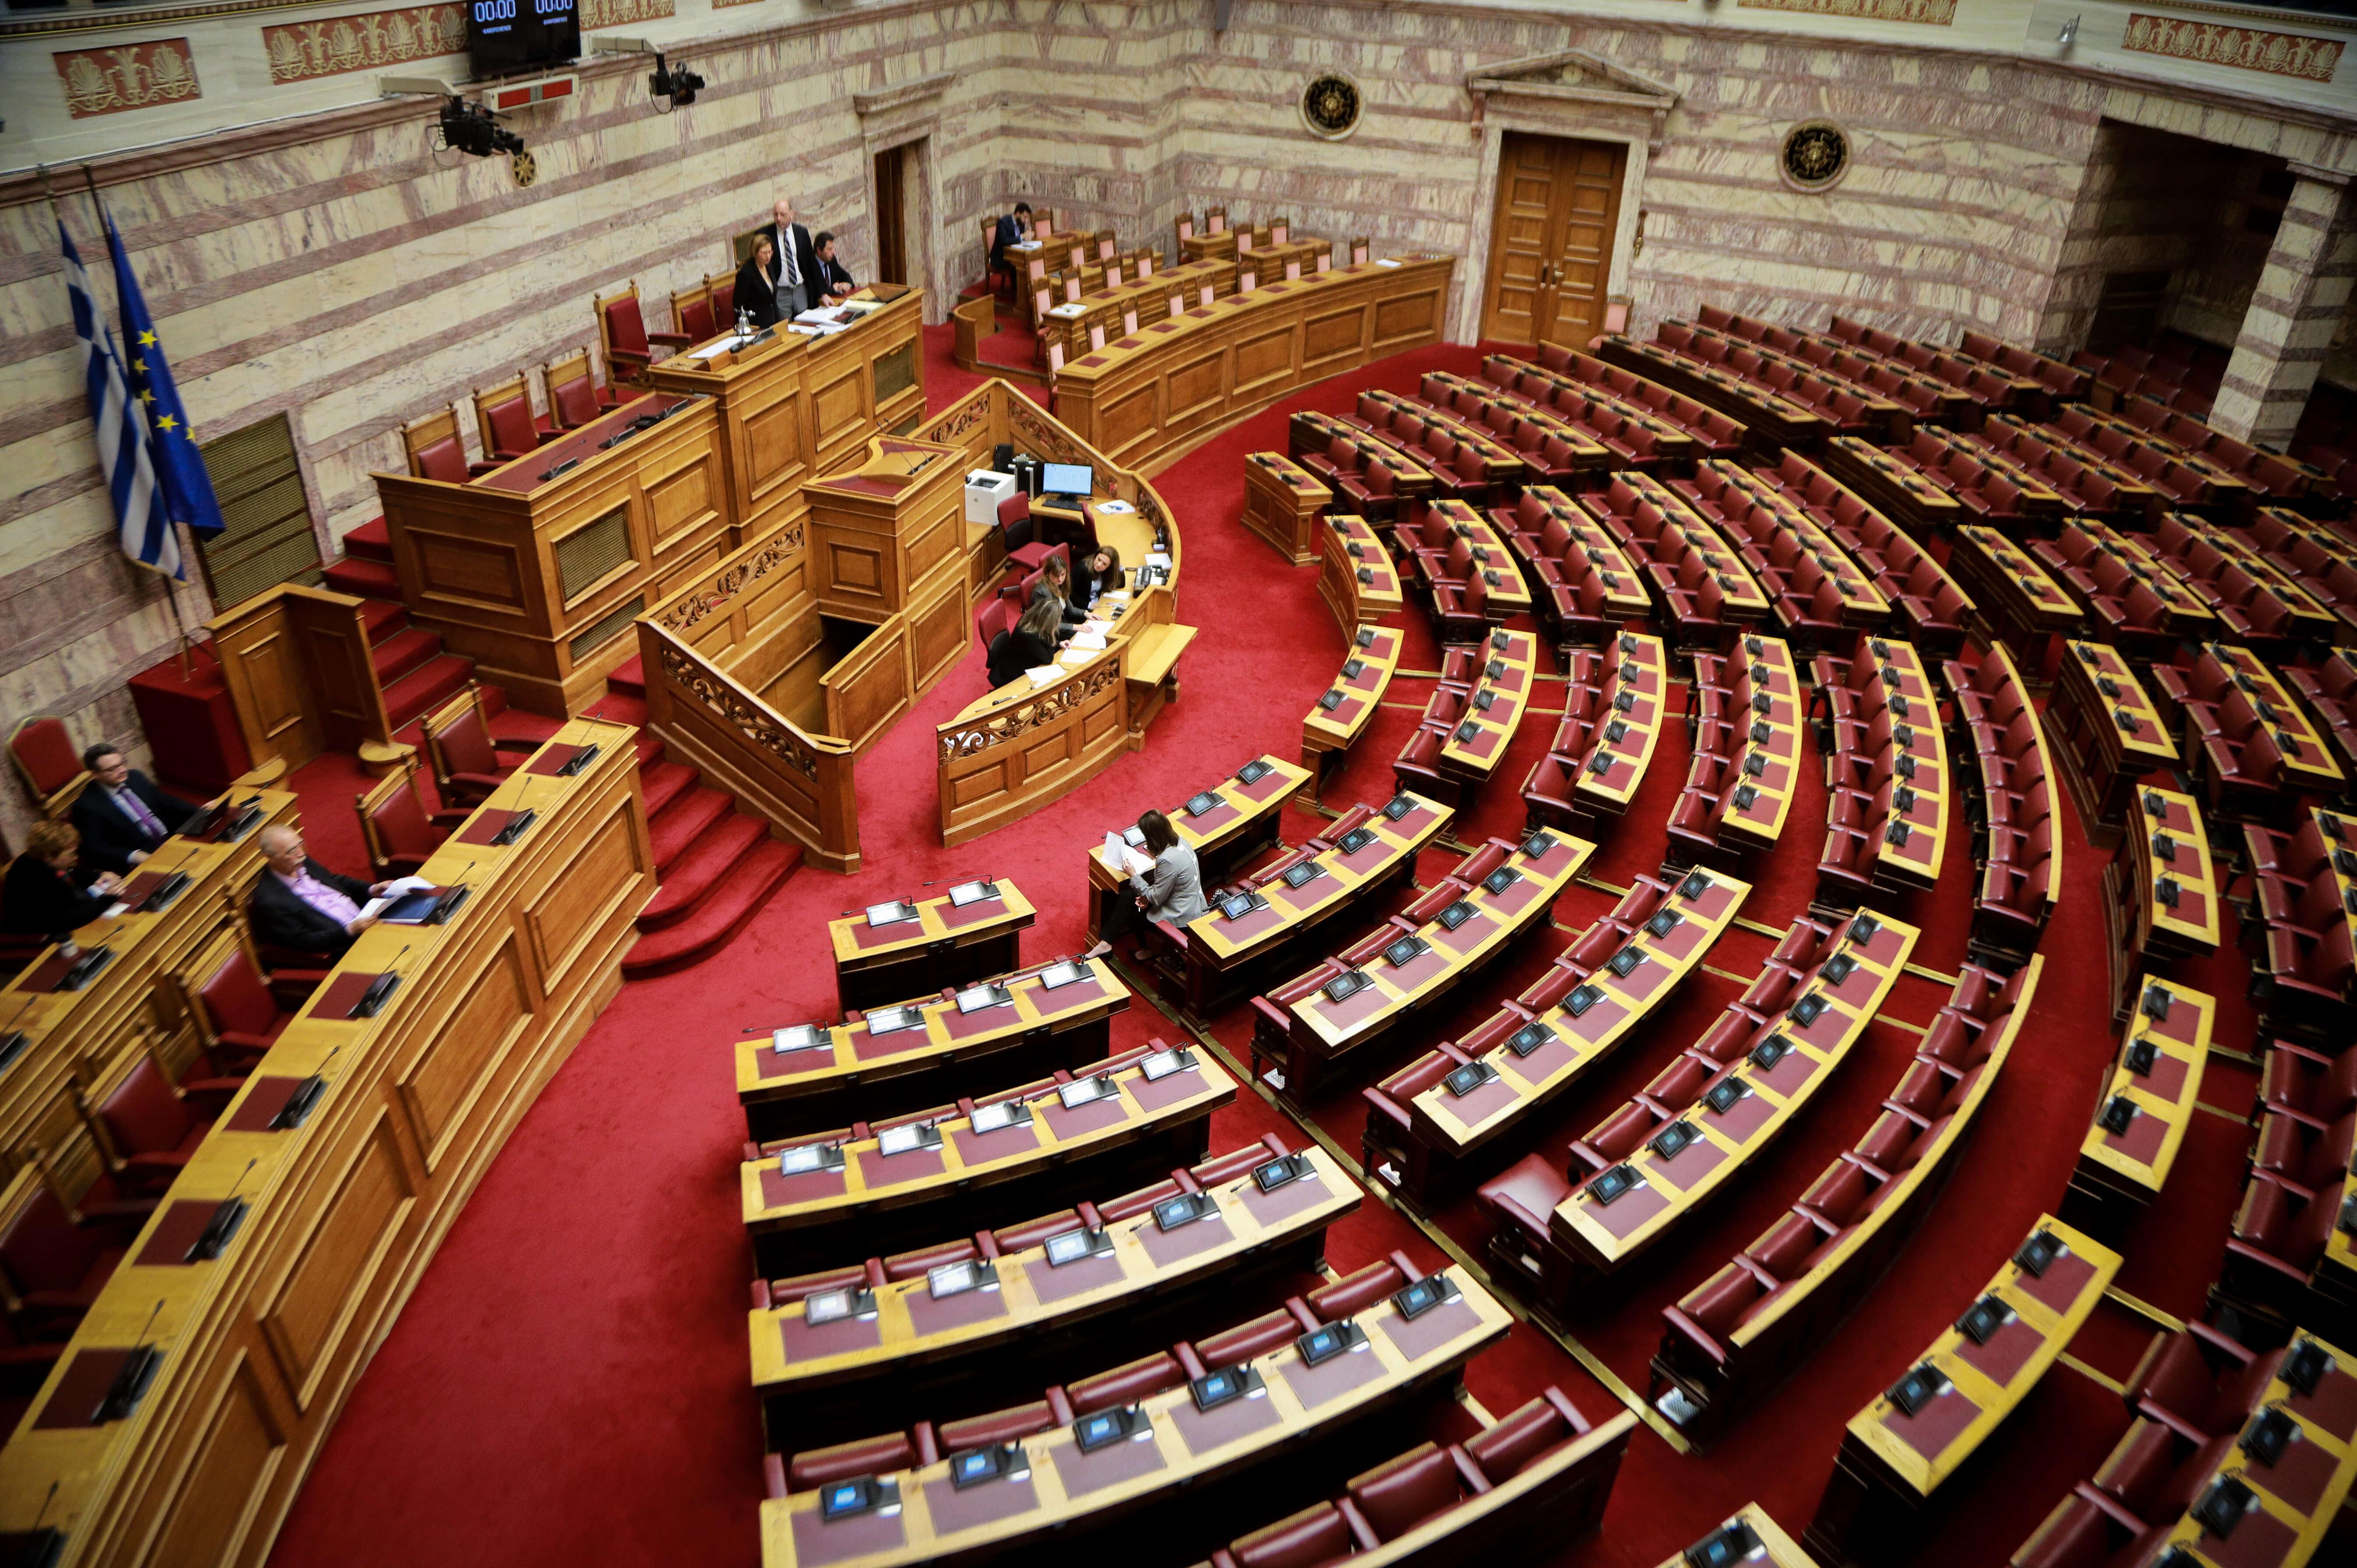 """Βουλή: """"Χαμός"""" στην ολομέλεια για τις αλλαγές στον κανονισμό - Στο στόχαστρο οι 6 που """"προχώρησαν"""" στον ΣΥΡΙΖΑ"""